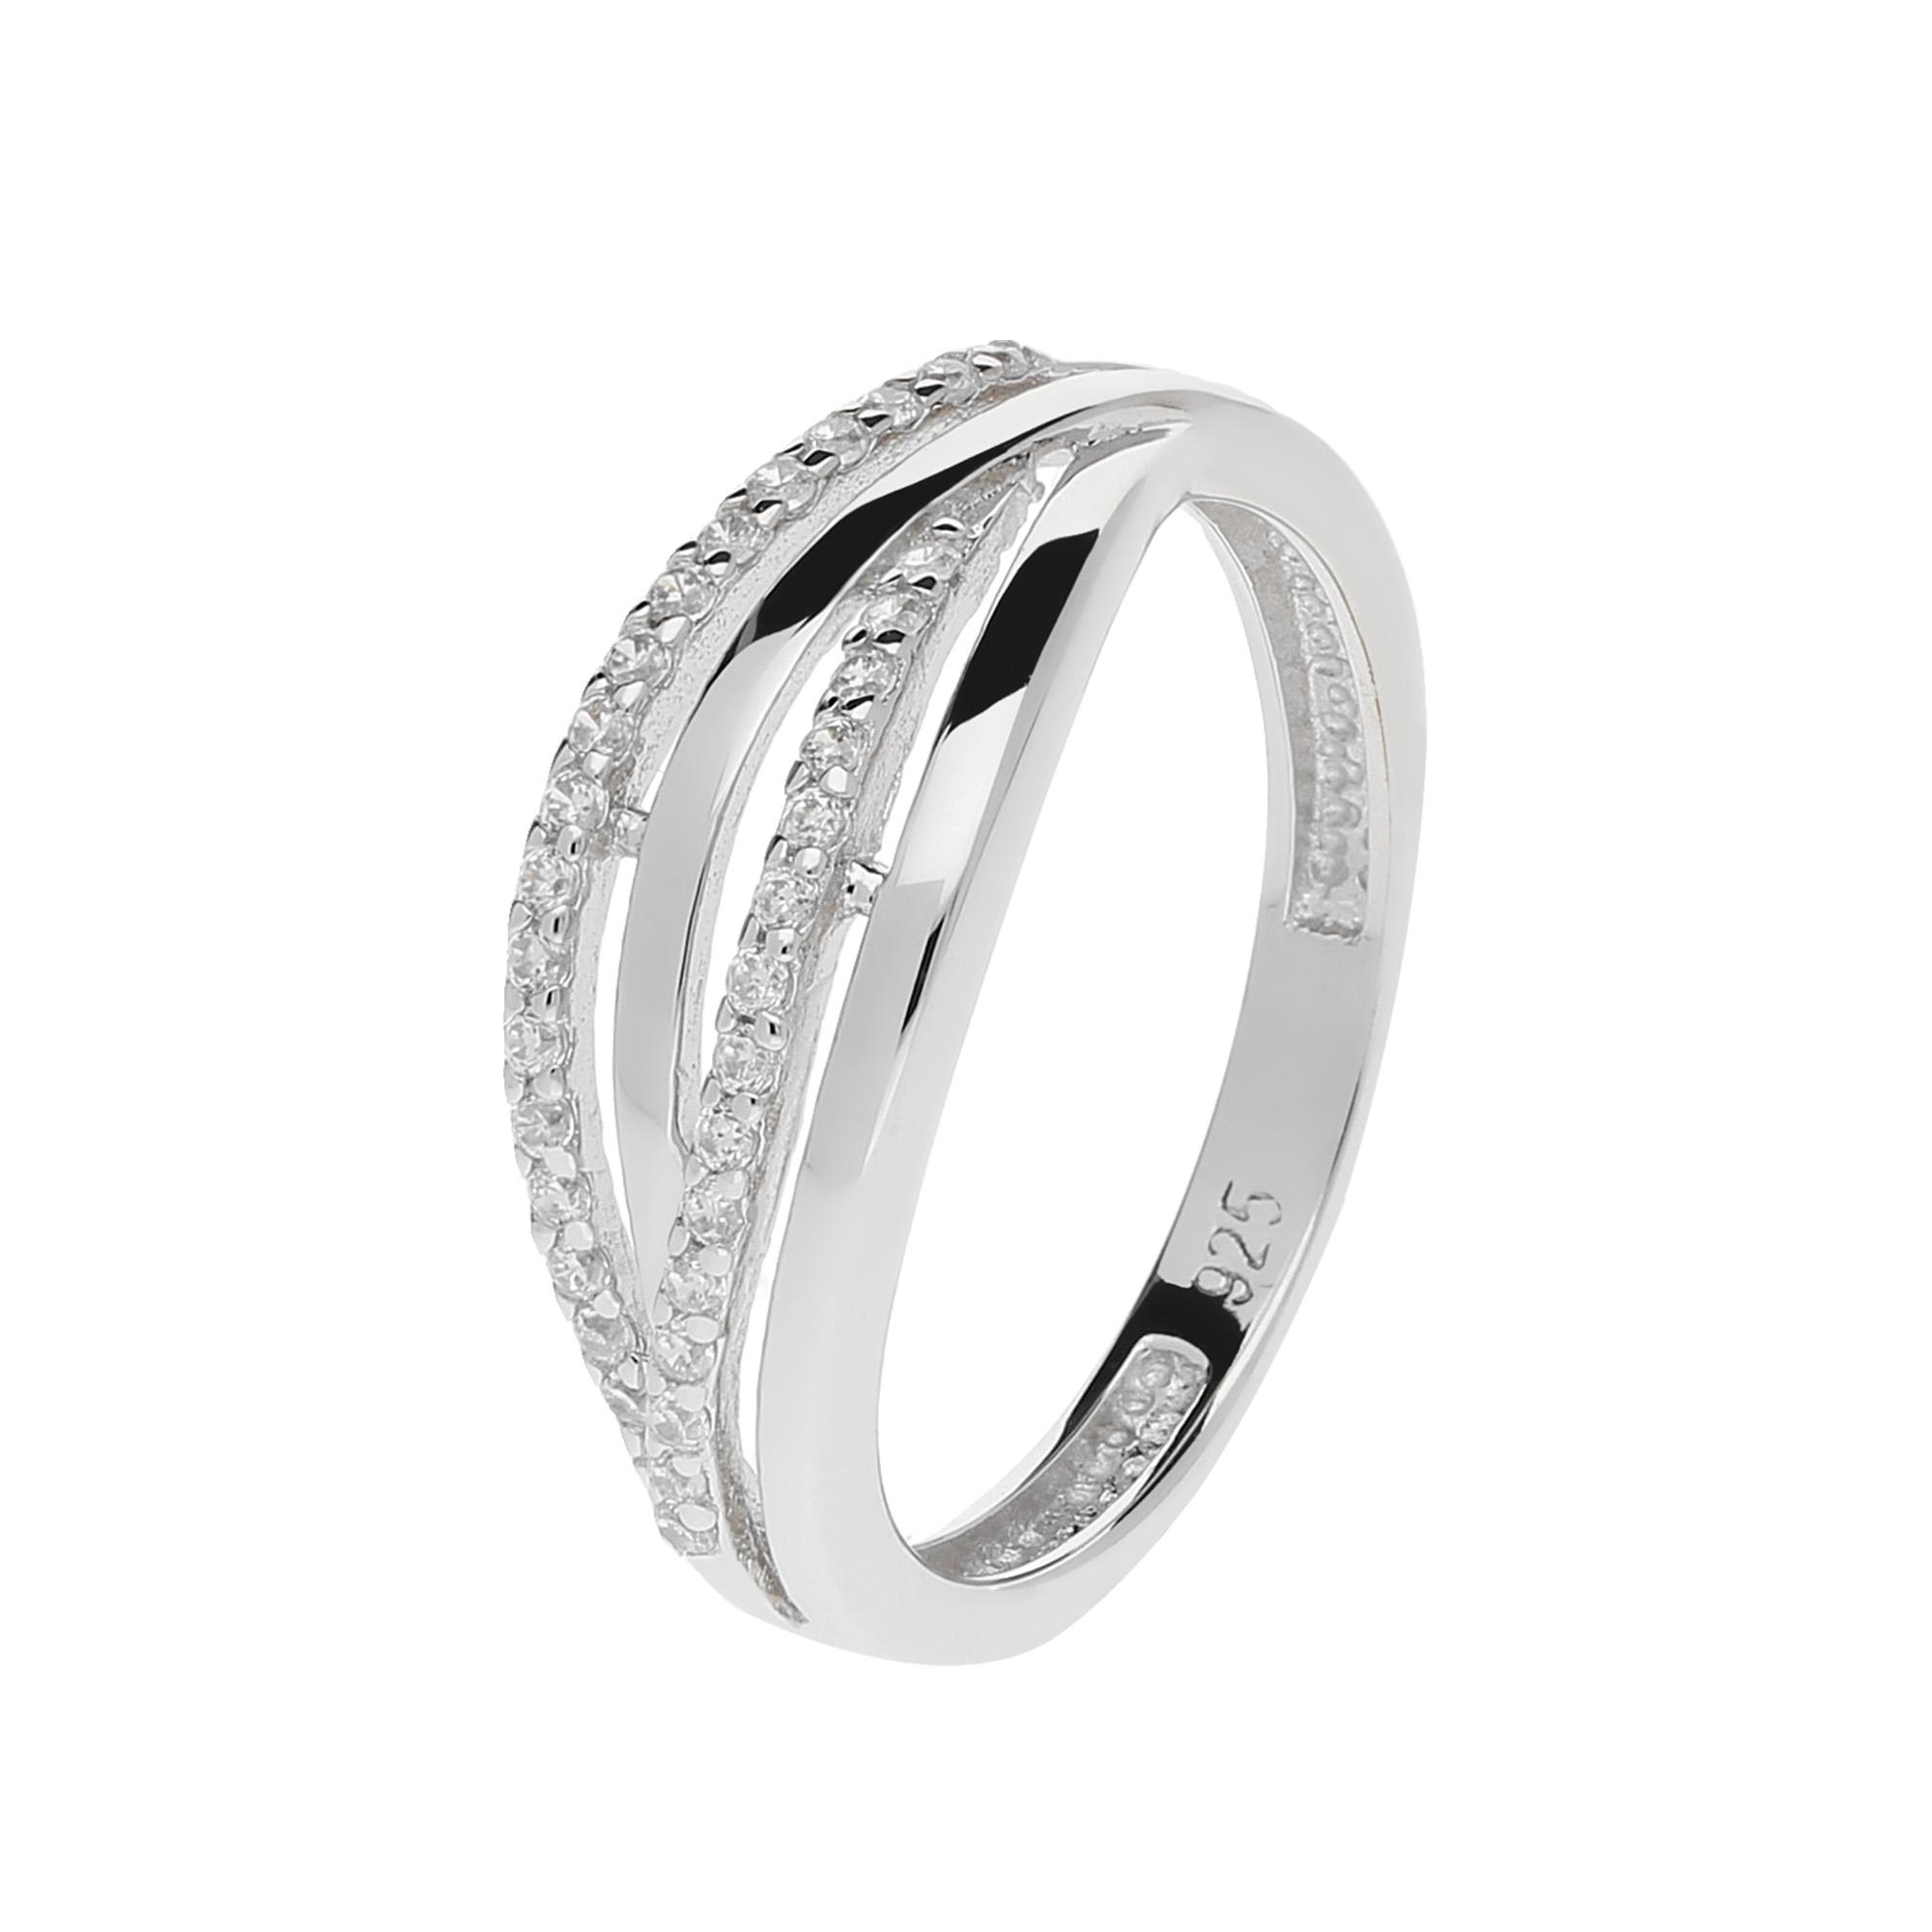 Juwelier Kraemer Ring Zirkonia 925 Silber 54 Mm Juwelier